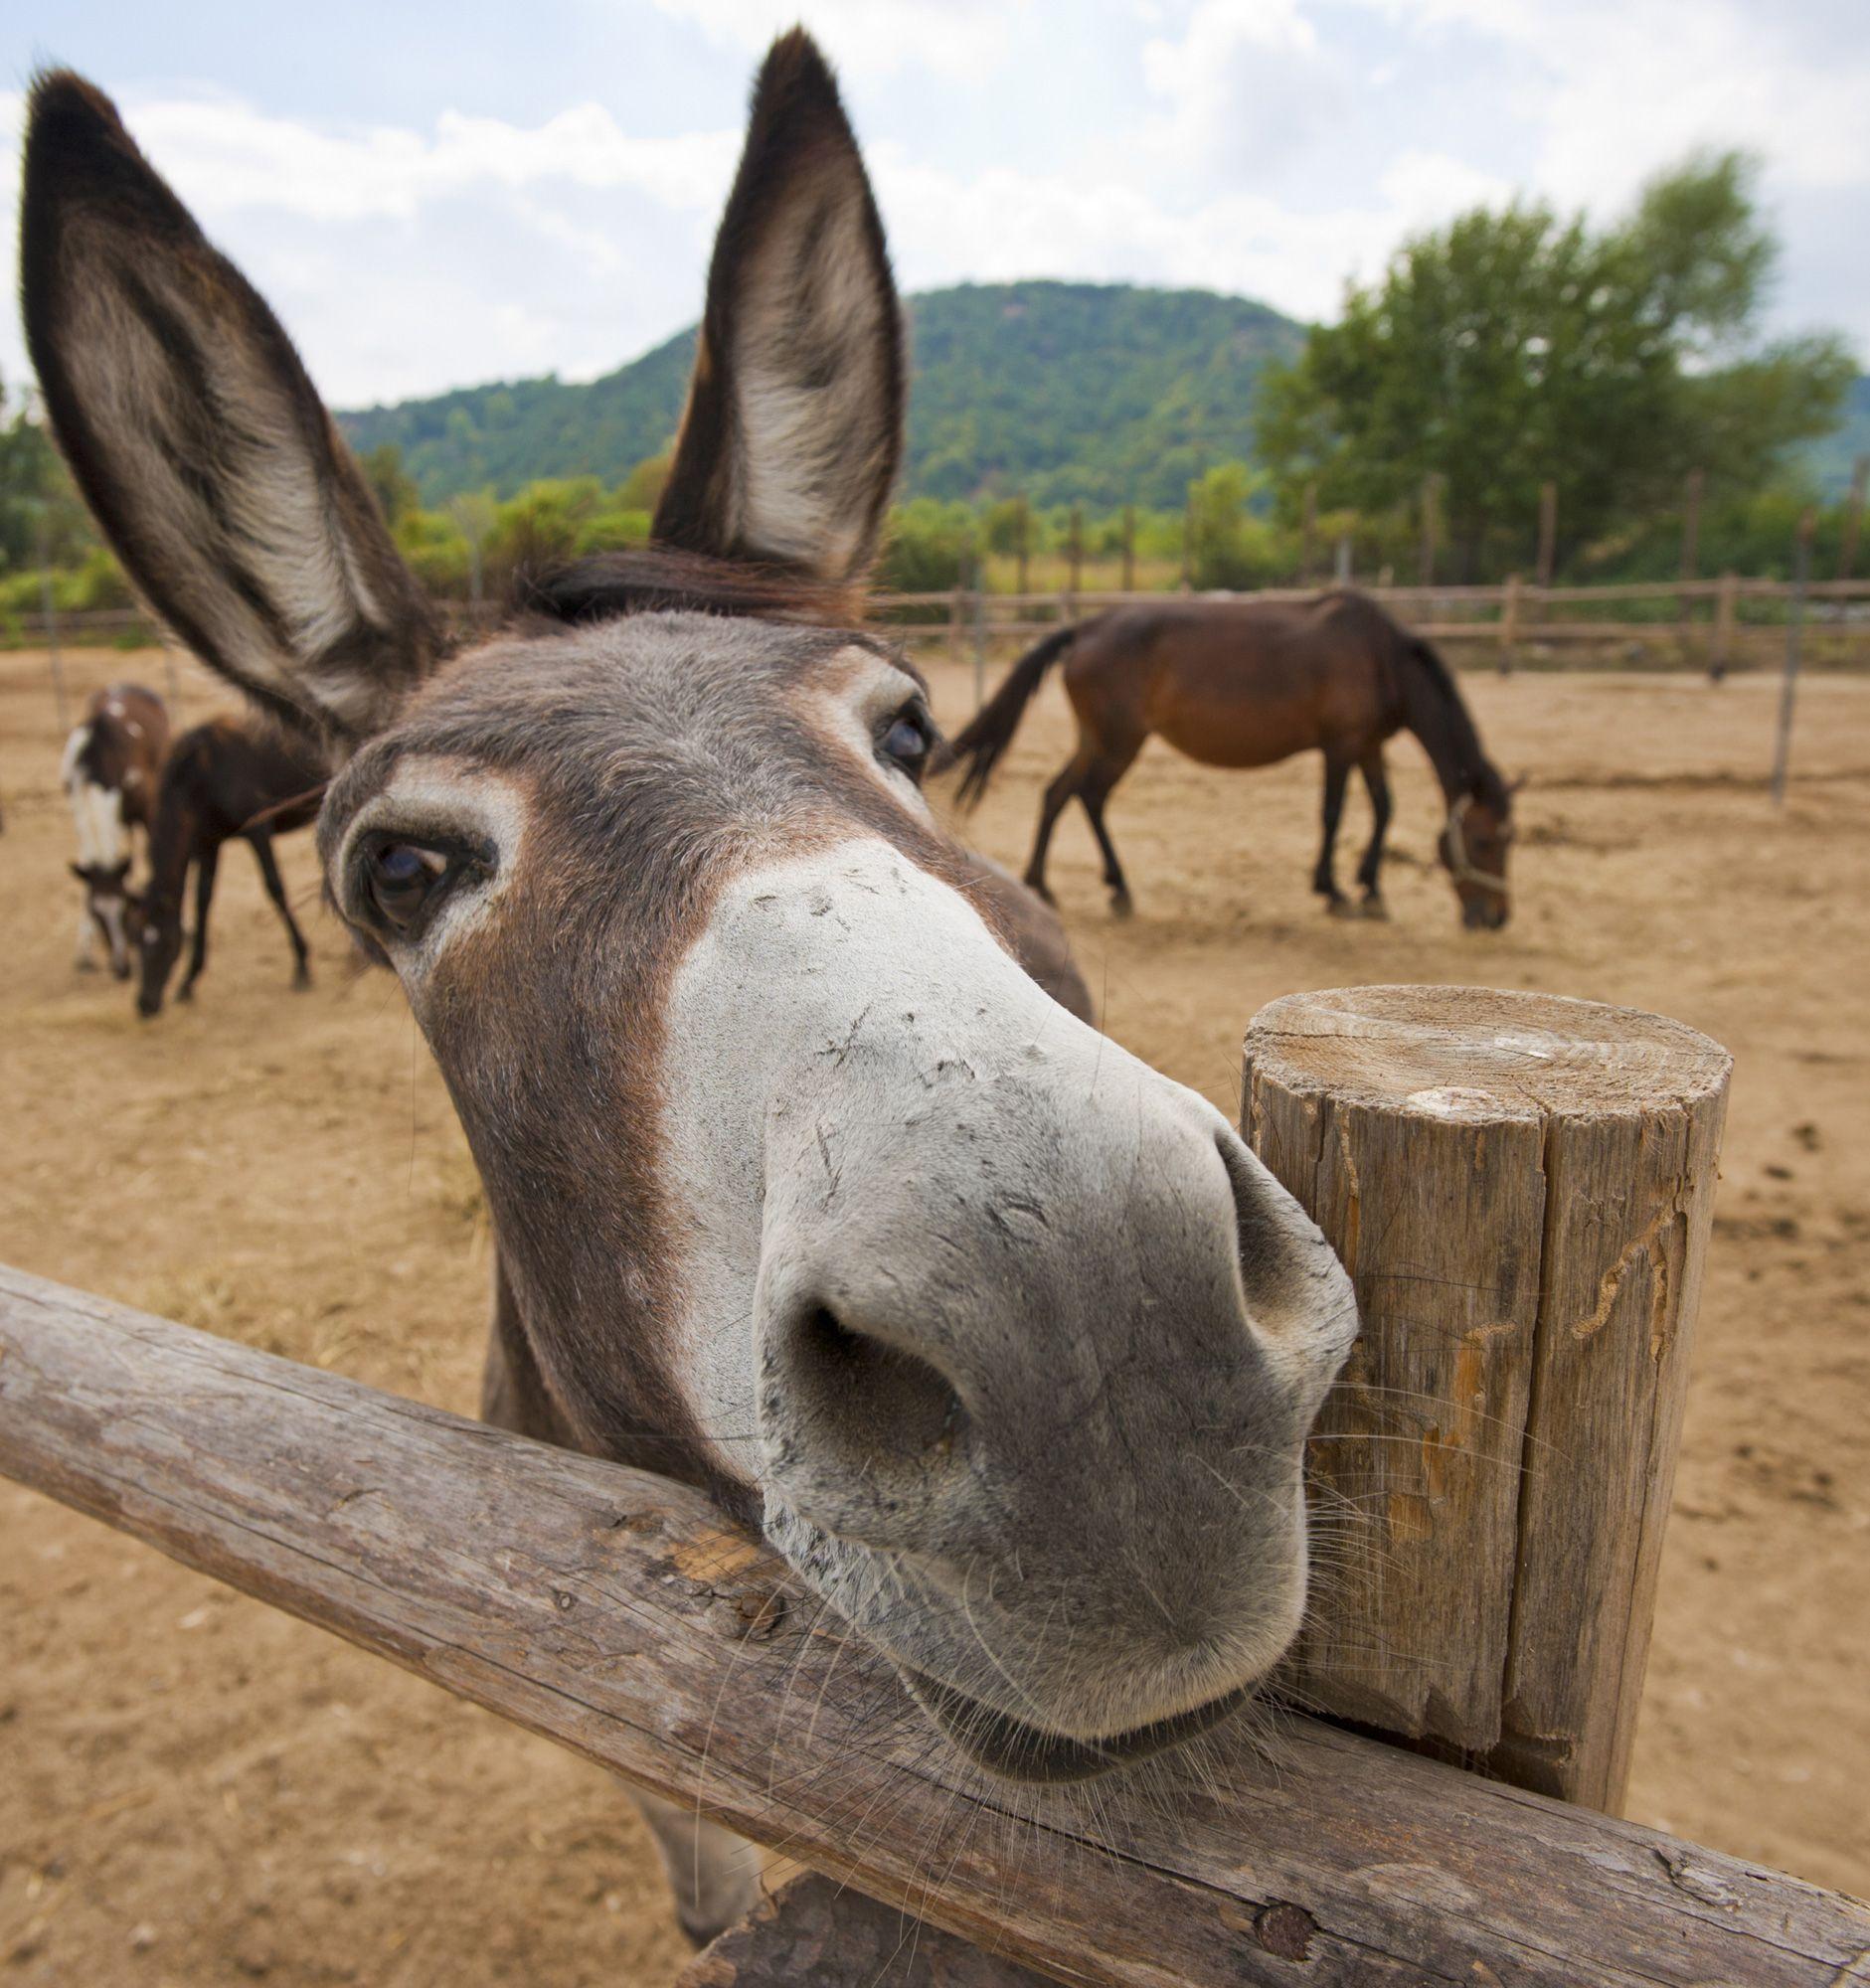 animales granja - burro